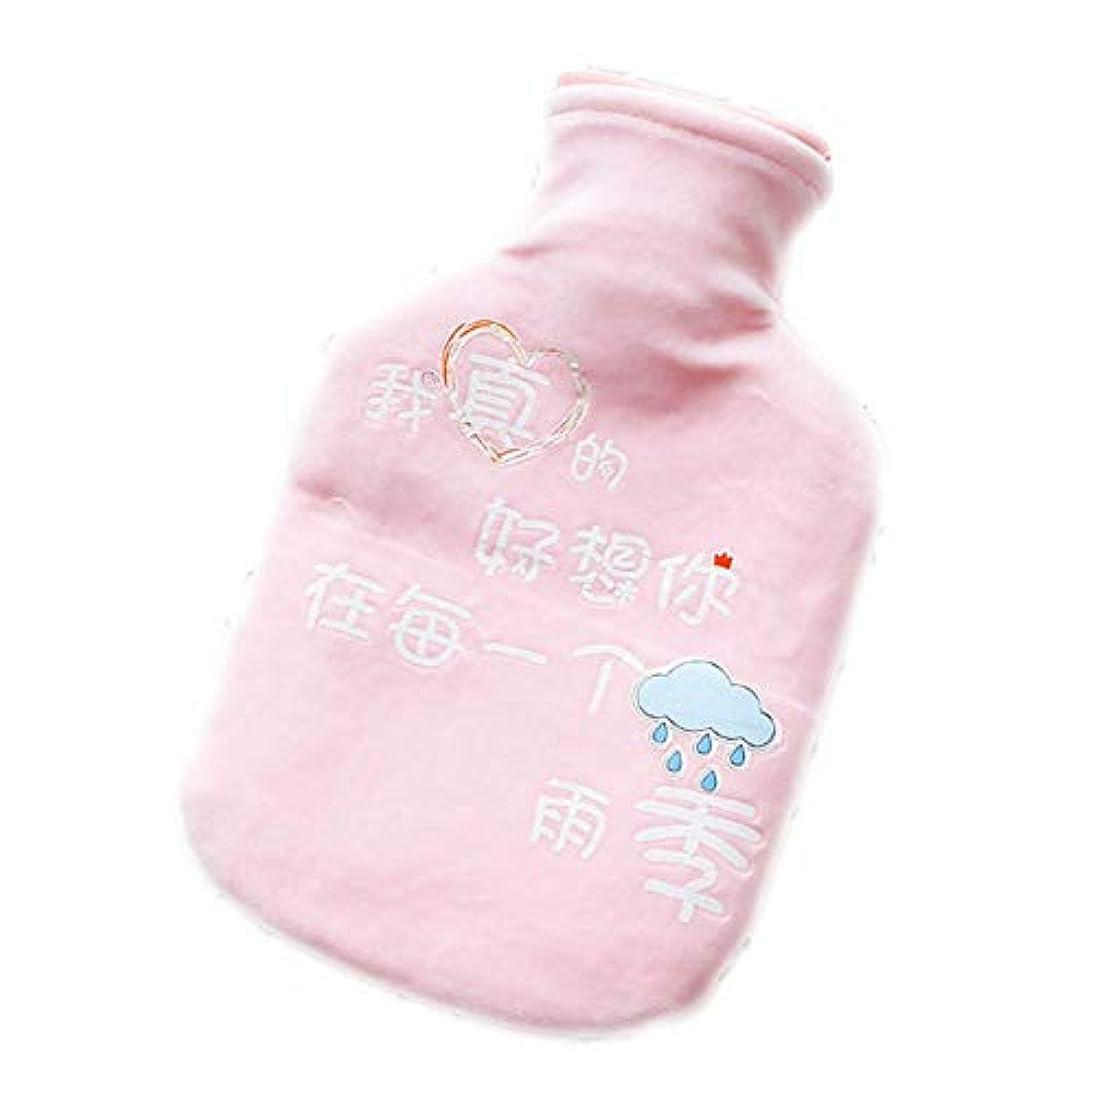 疾患疑わしいパレードかわいい湯たんぽミニハンドウォーマー750ミリリットルの学生女性の温水バッグ